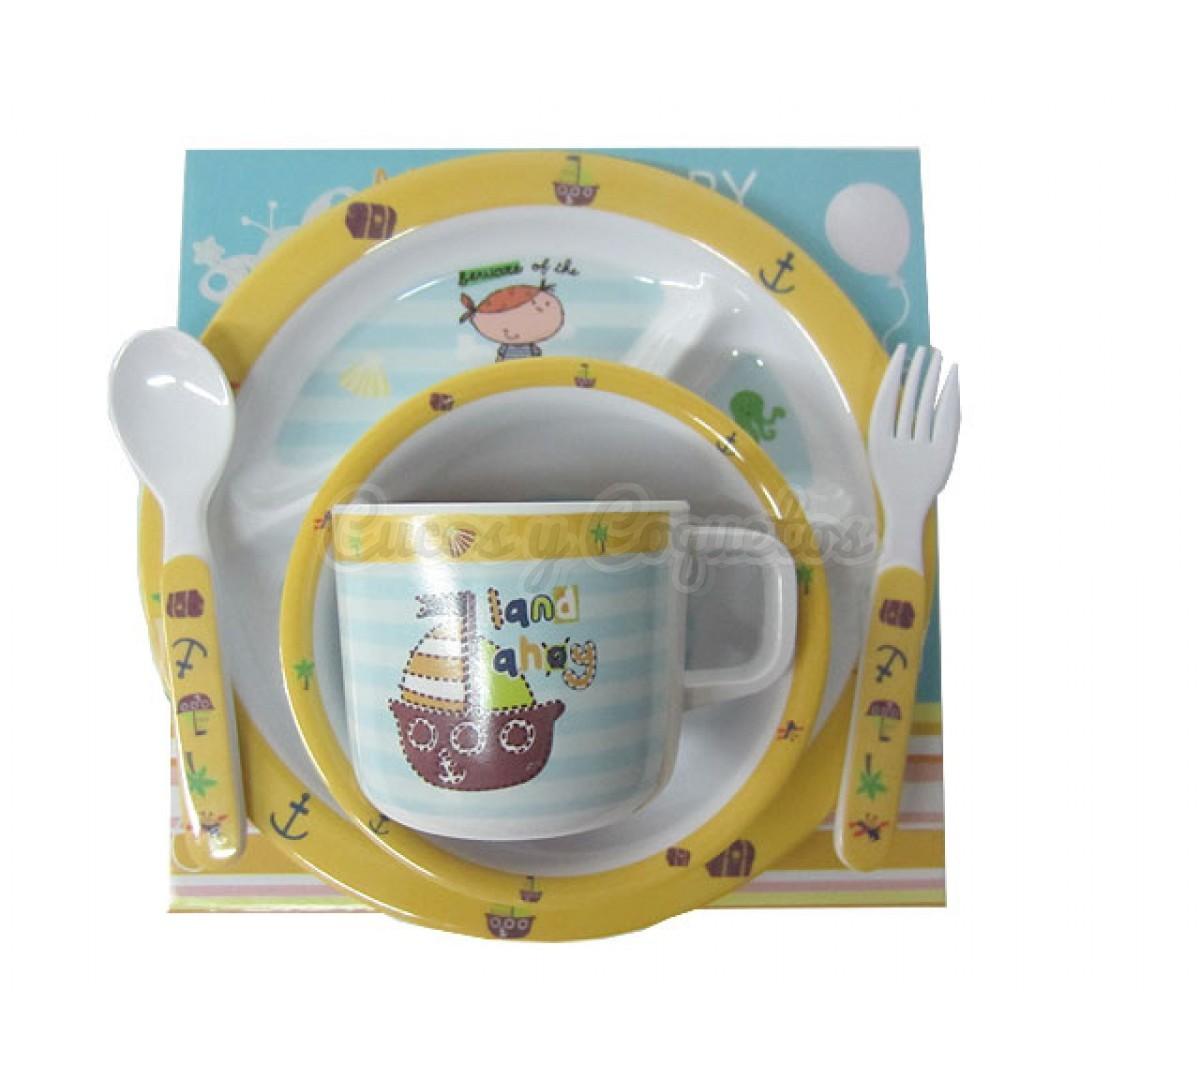 Vajilla 5 piezas pirata regalos para beb s canastillas for Vajillas bebe personalizadas